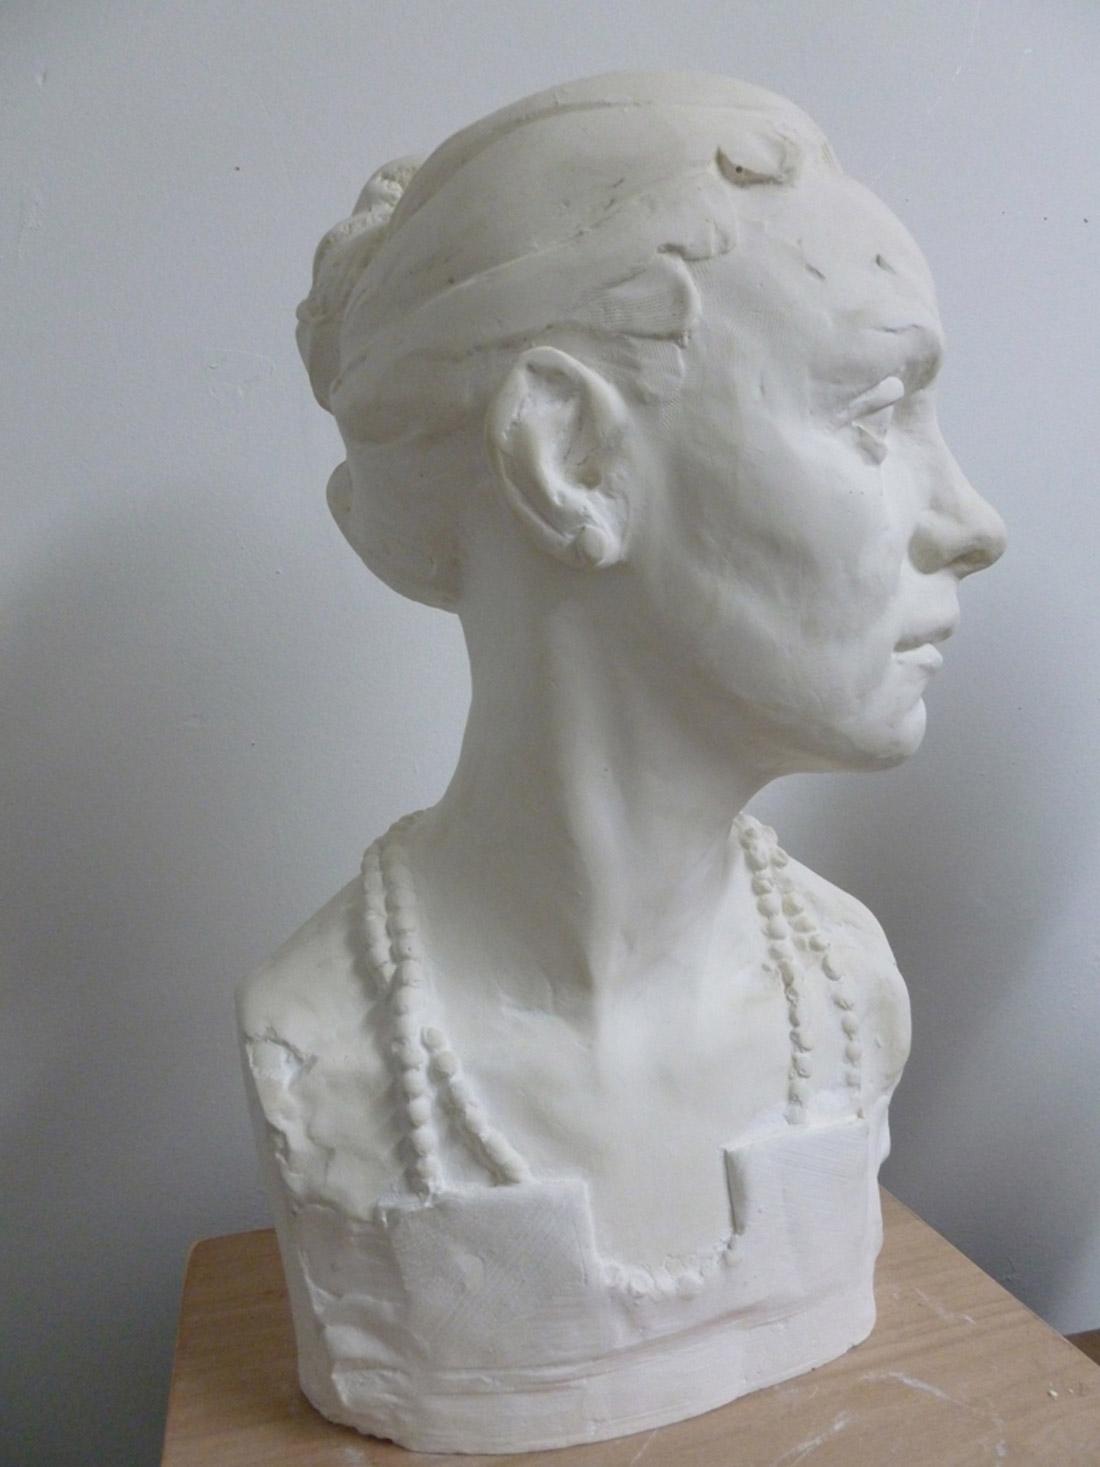 Theodora portrait sculpture